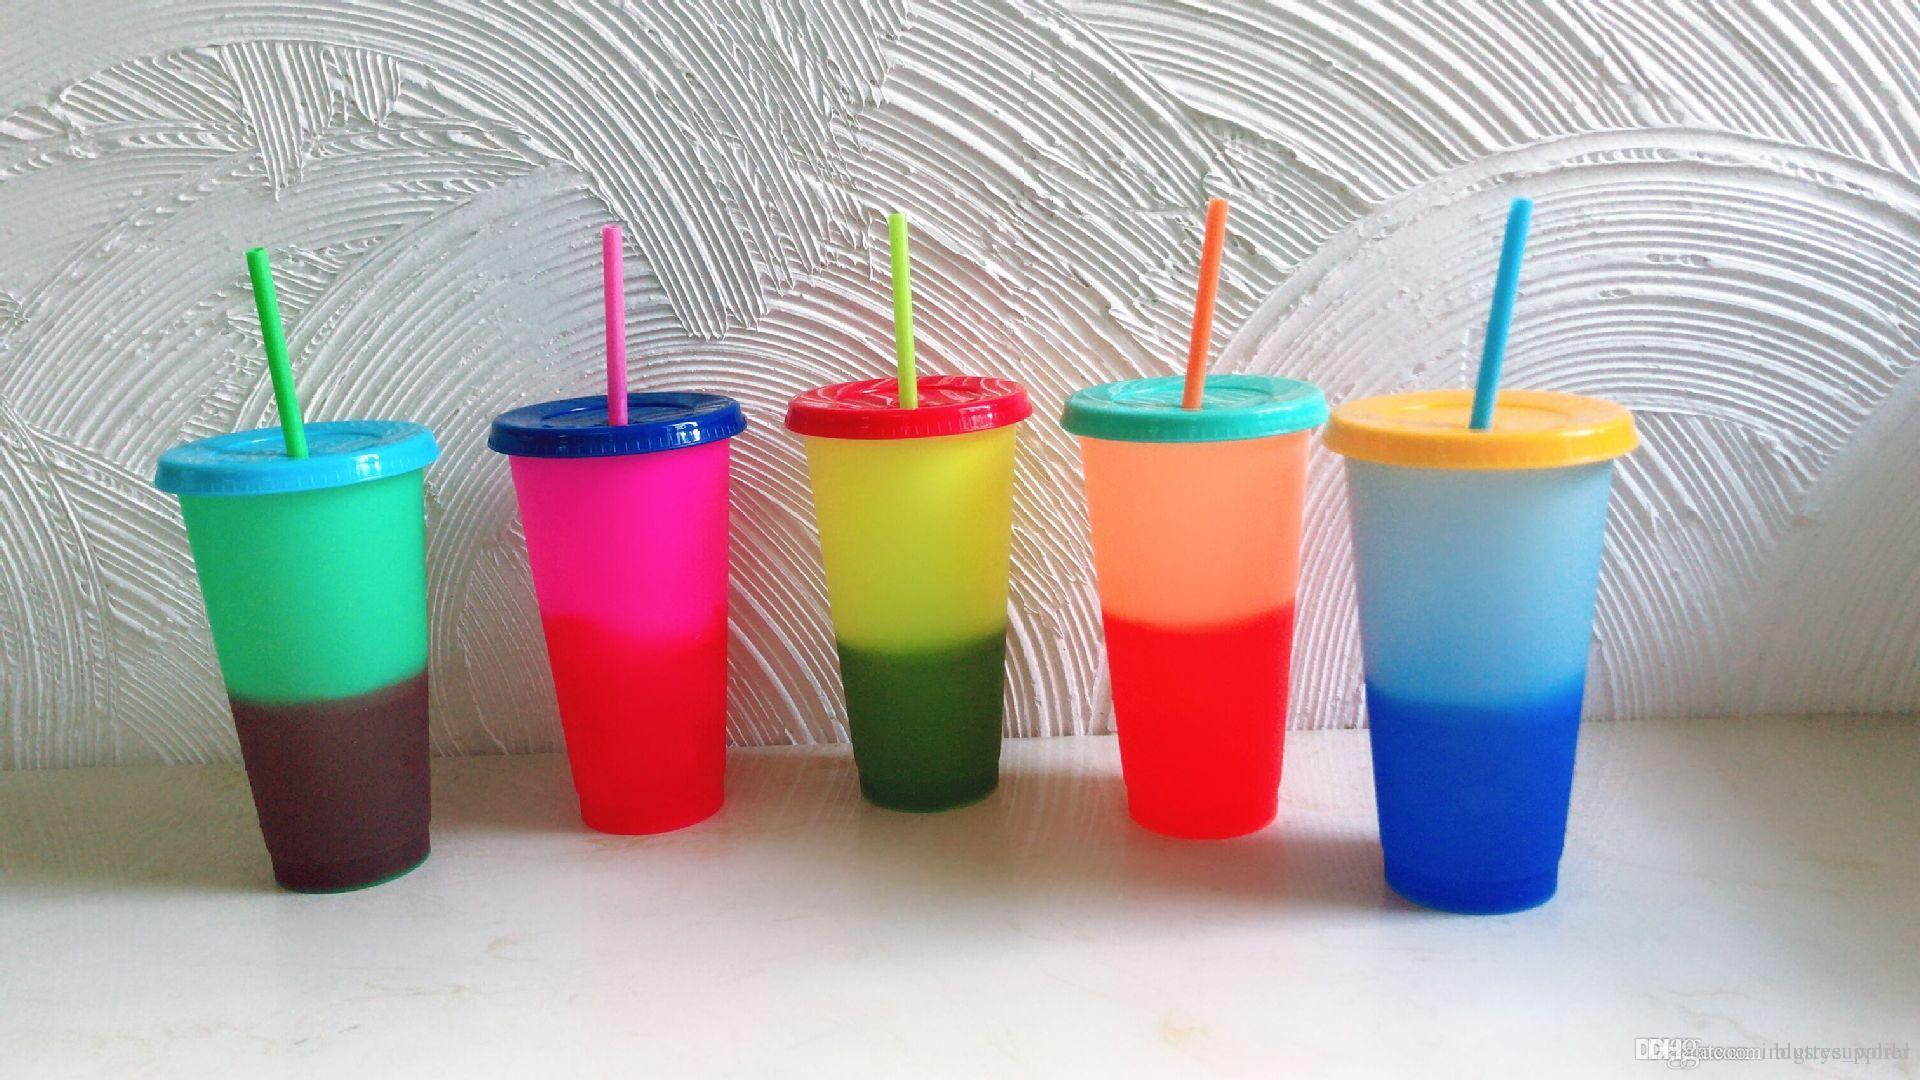 color de 24 oz cambiar frío taza y botellas de agua de cambio de color calientes froasted y multicolor variedad de tazas con tapa y strawA02